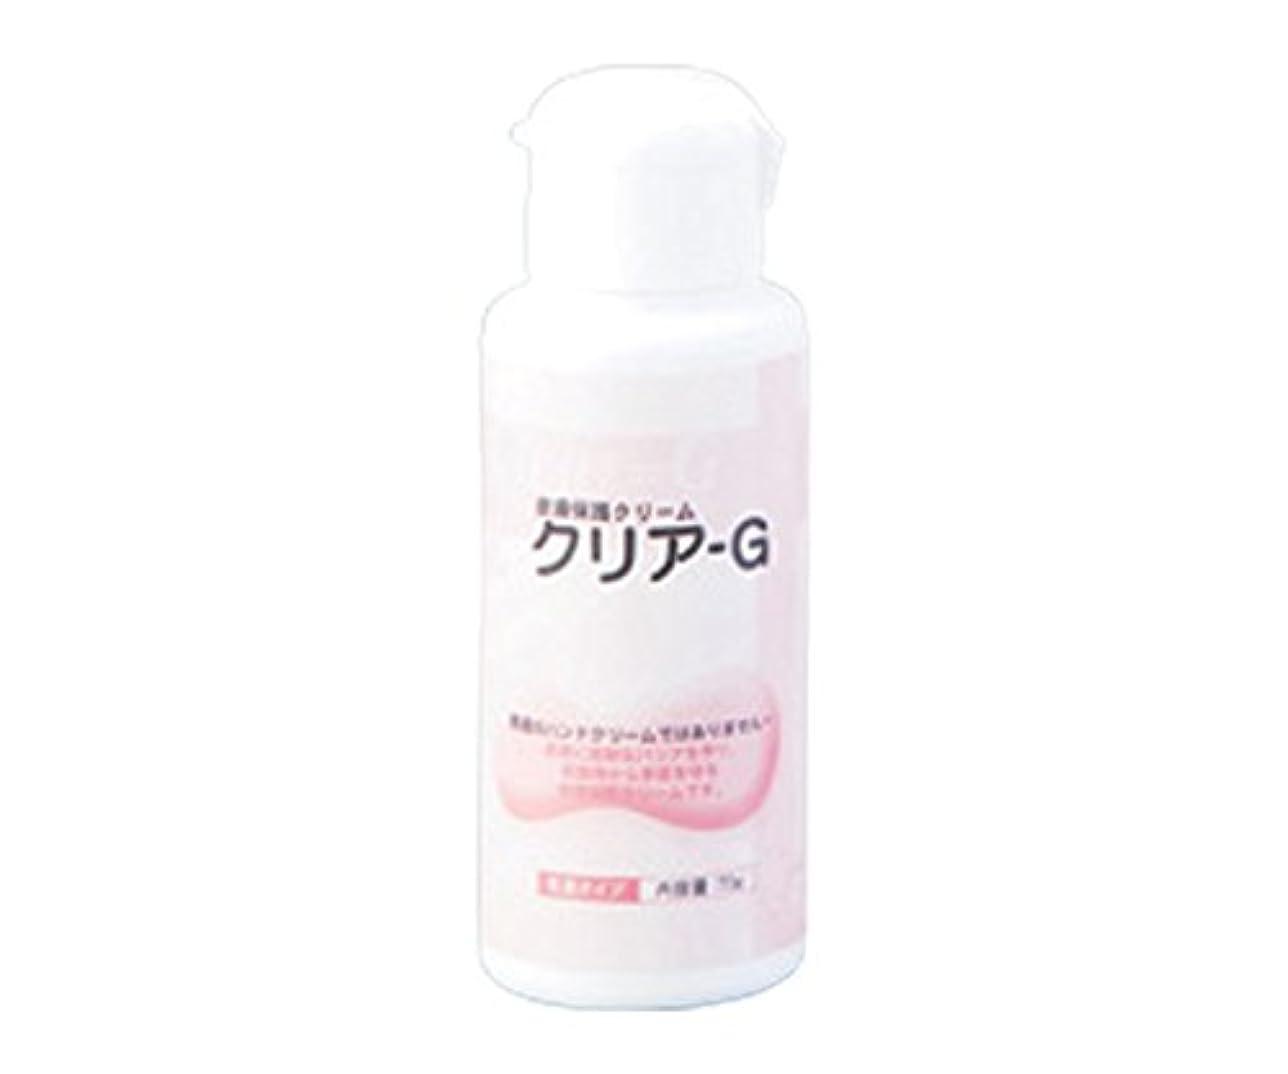 良心的眉をひそめる布皮膚保護クリーム(クリア-G) 70g